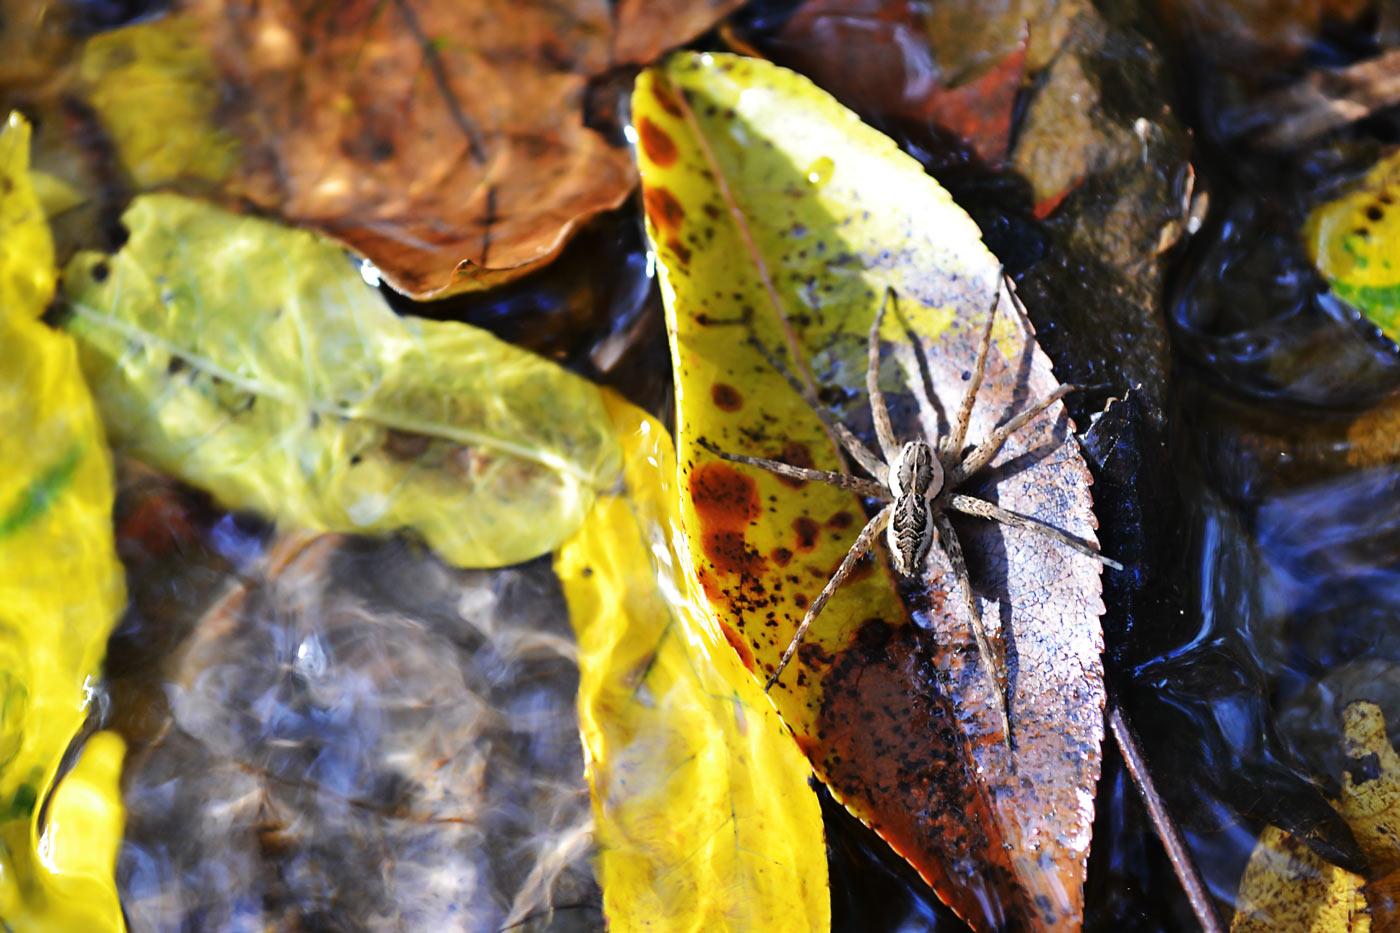 moist_spider.jpg